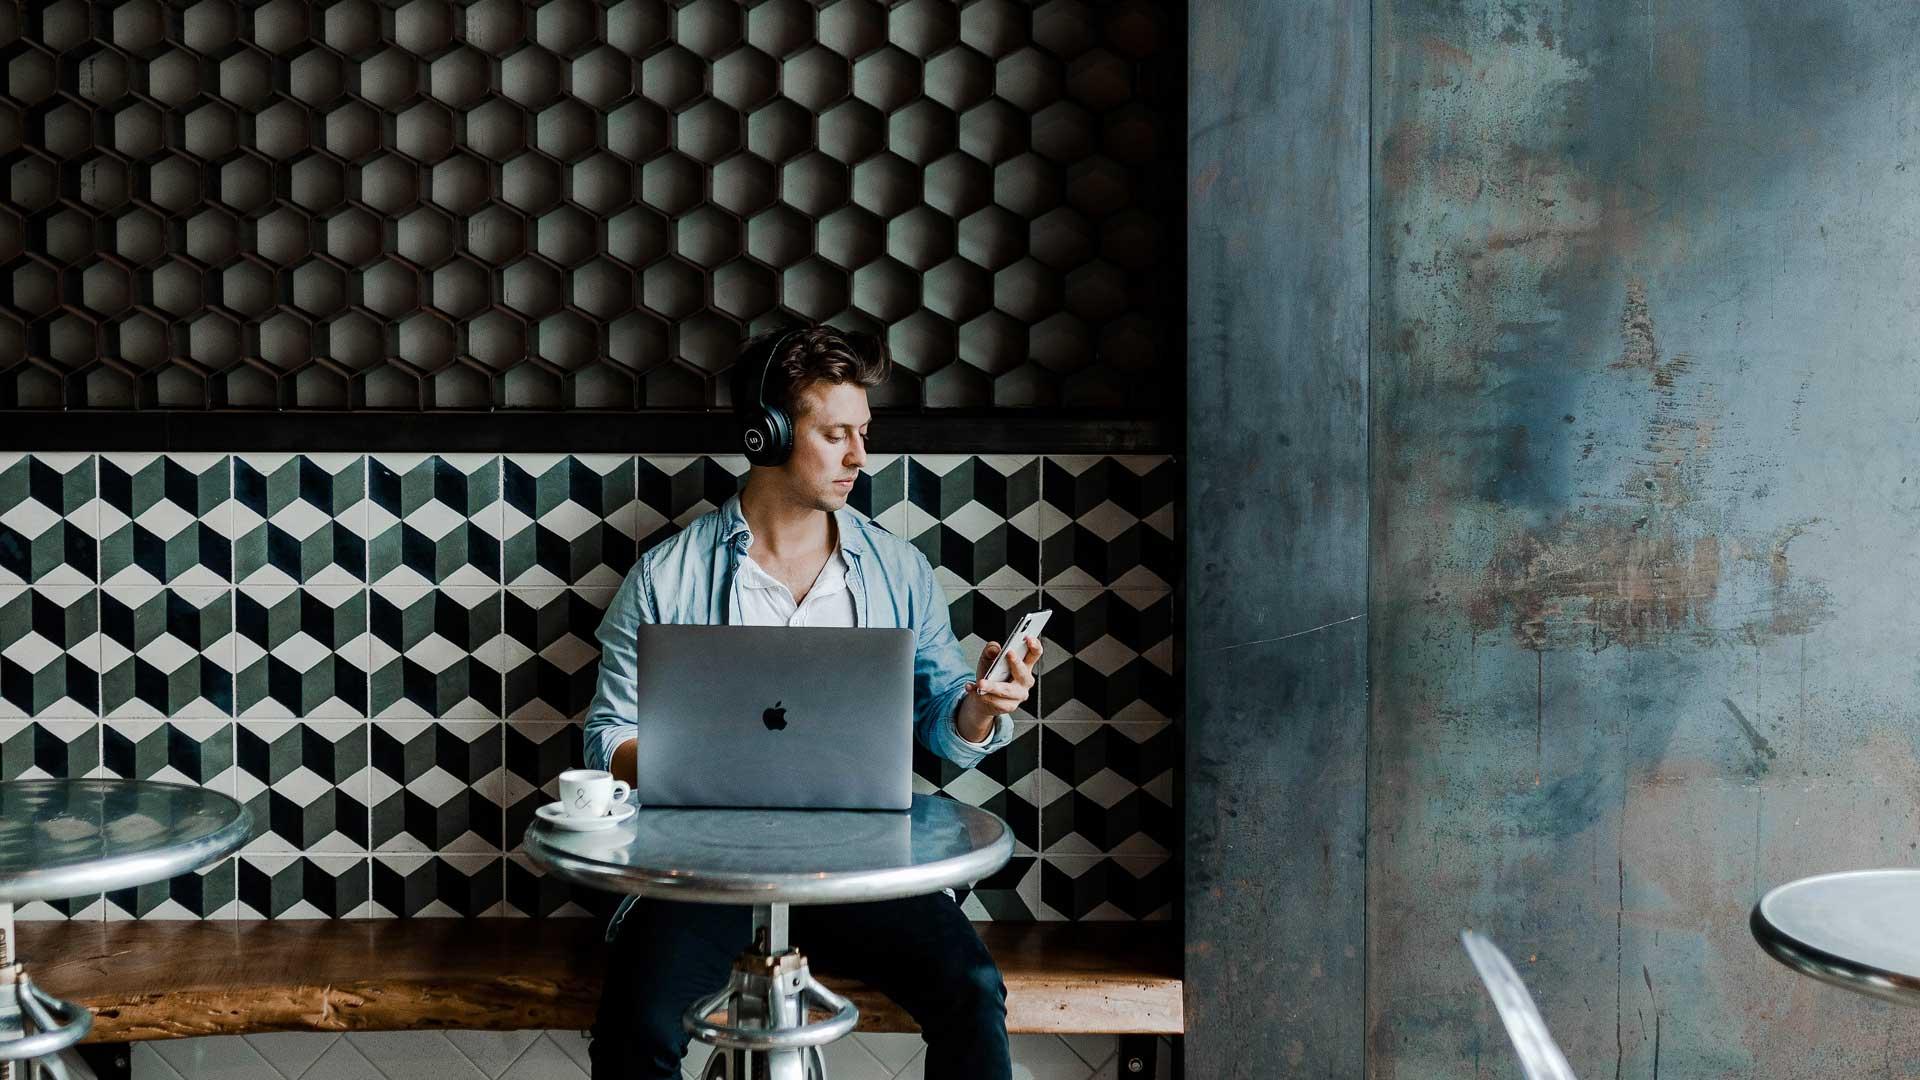 Entenda a importância de interagir com clientes nas redes sociais